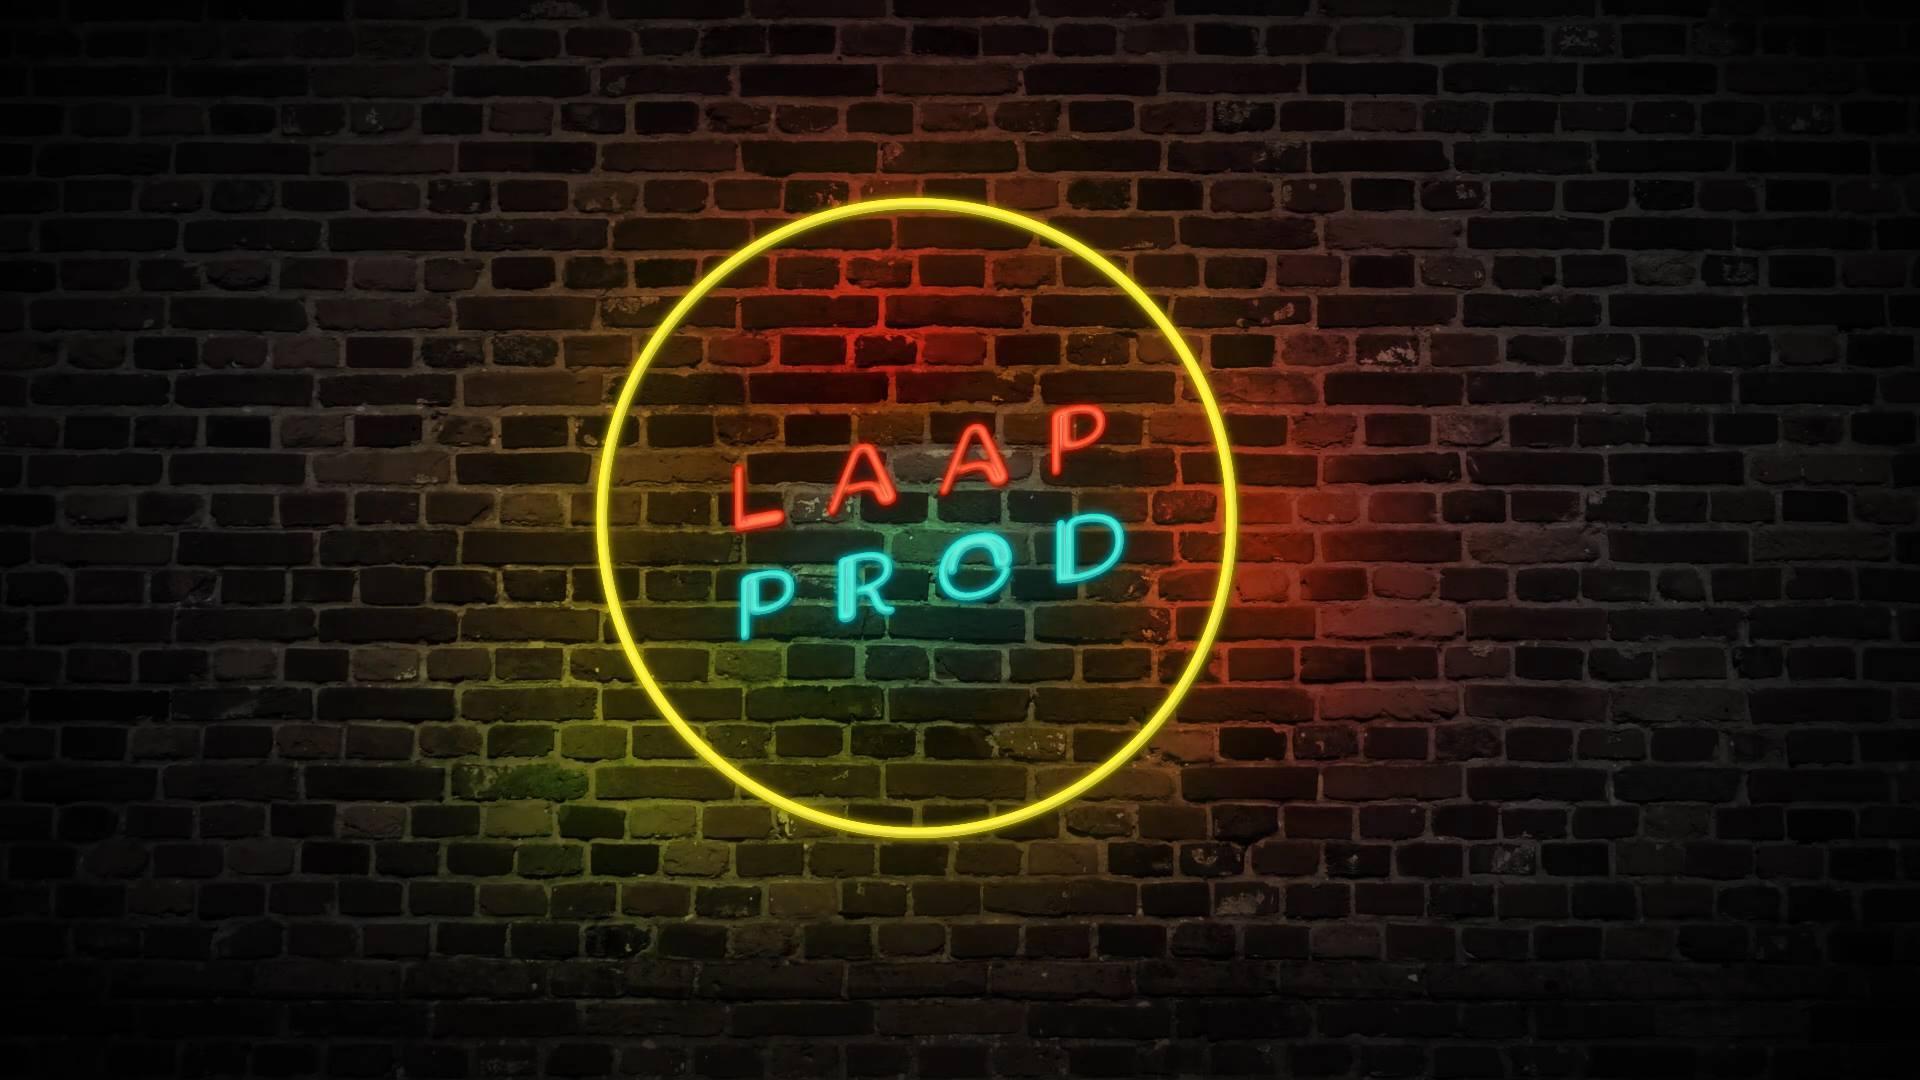 LAAP-PROD